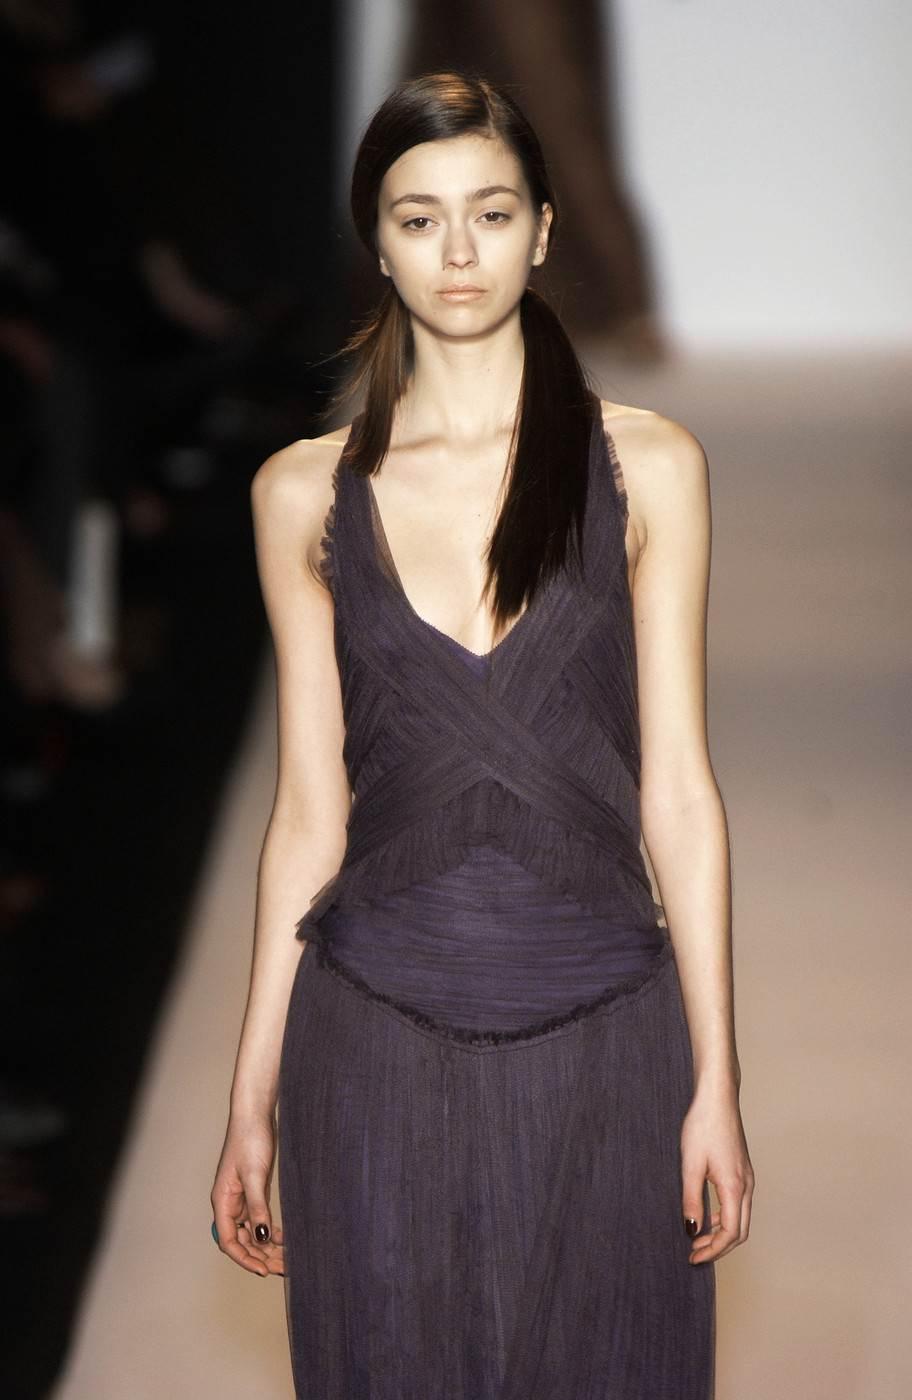 【外人】真木よう子に激似のフランス人モデルのモルガン・デュブレ(Morgane Dubled)乳首もろ出しでキャットウォークしてるポルノ画像 2614